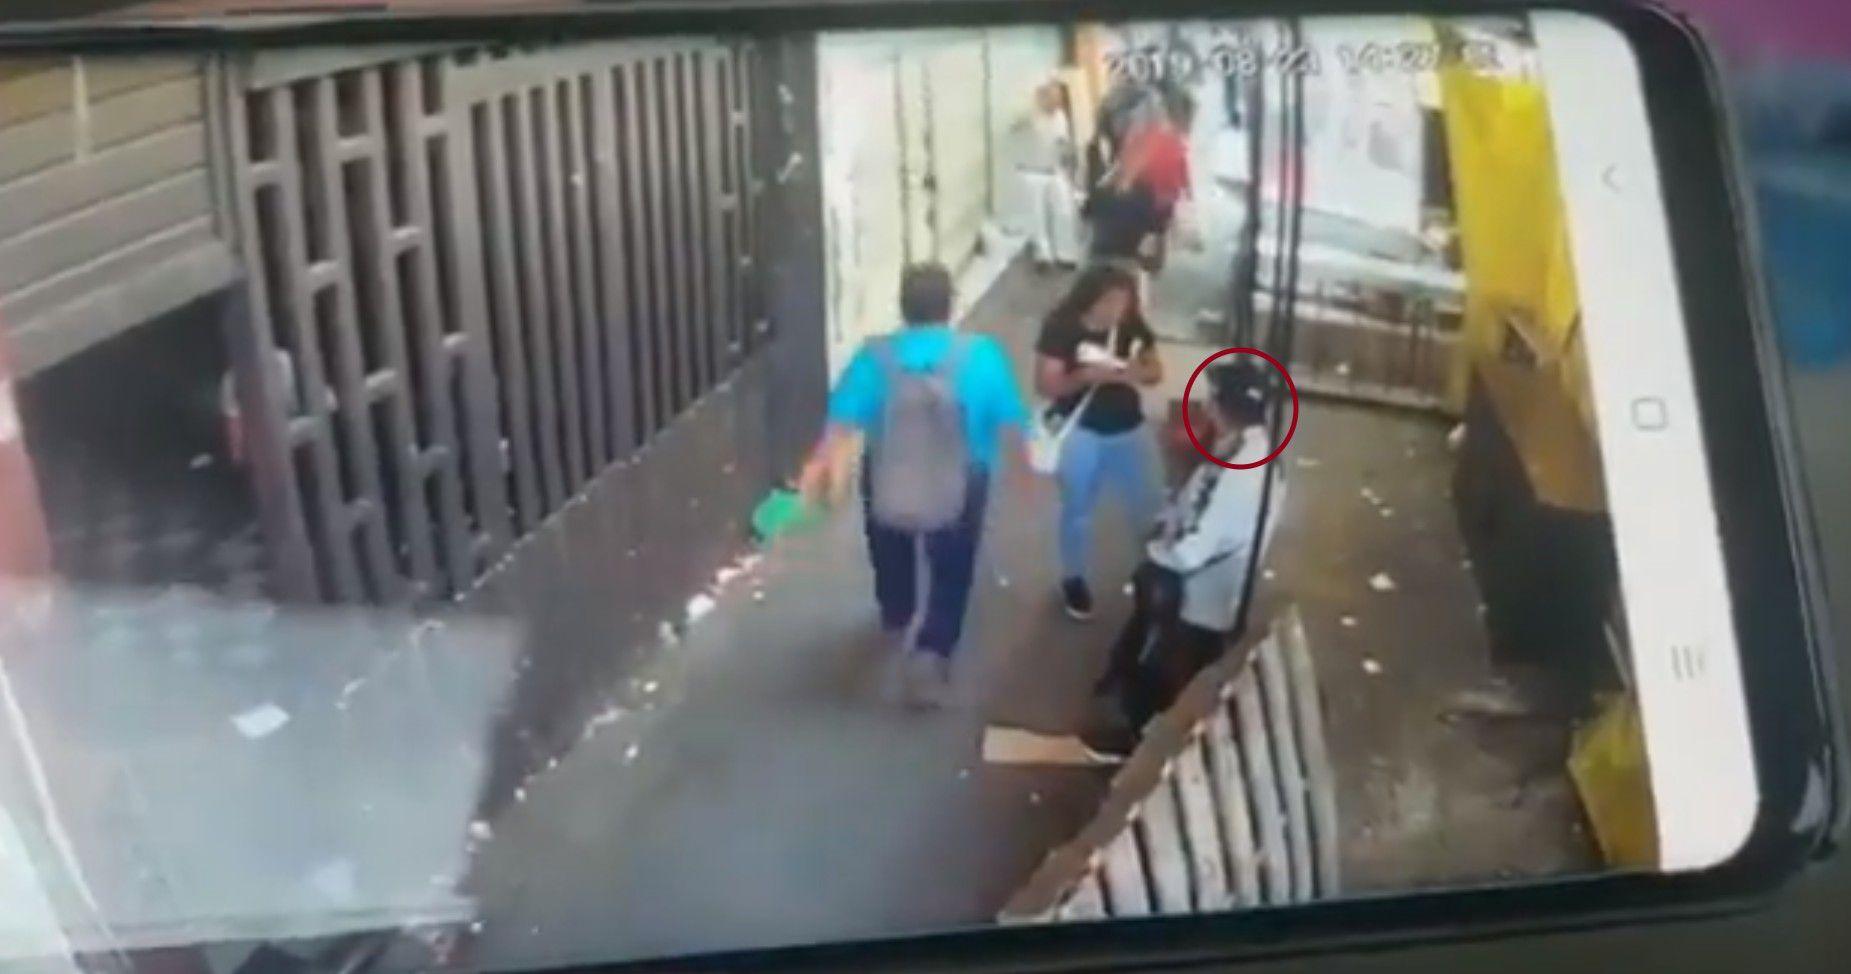 La víctima se encontraba al lado de una mujer y un puesto al momento de ser abatido por sujetos armados (Foto: Especial)